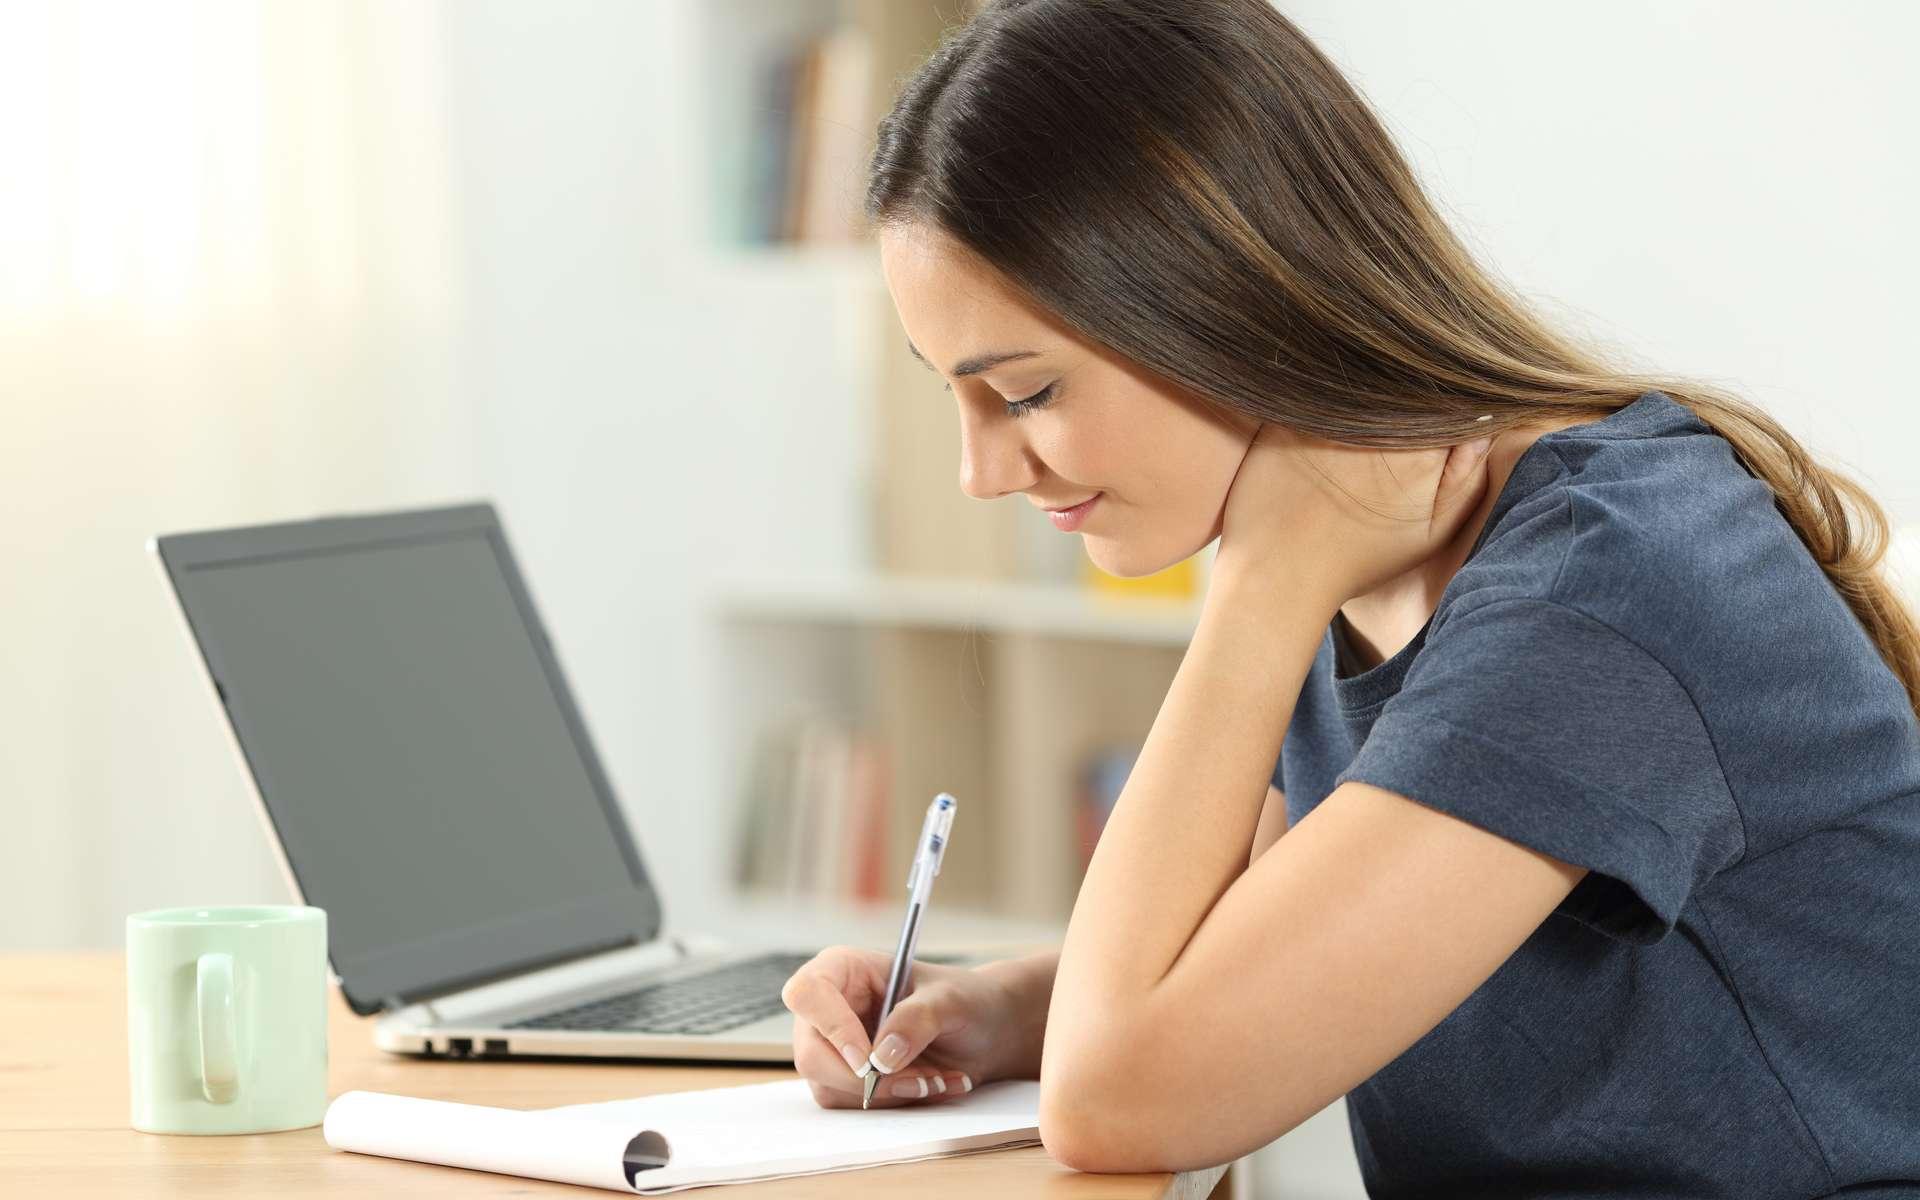 Les points clés pour bien rédiger une lettre de motivation et décrocher un job étudiant. © Antonioguillem, Adobe Stock